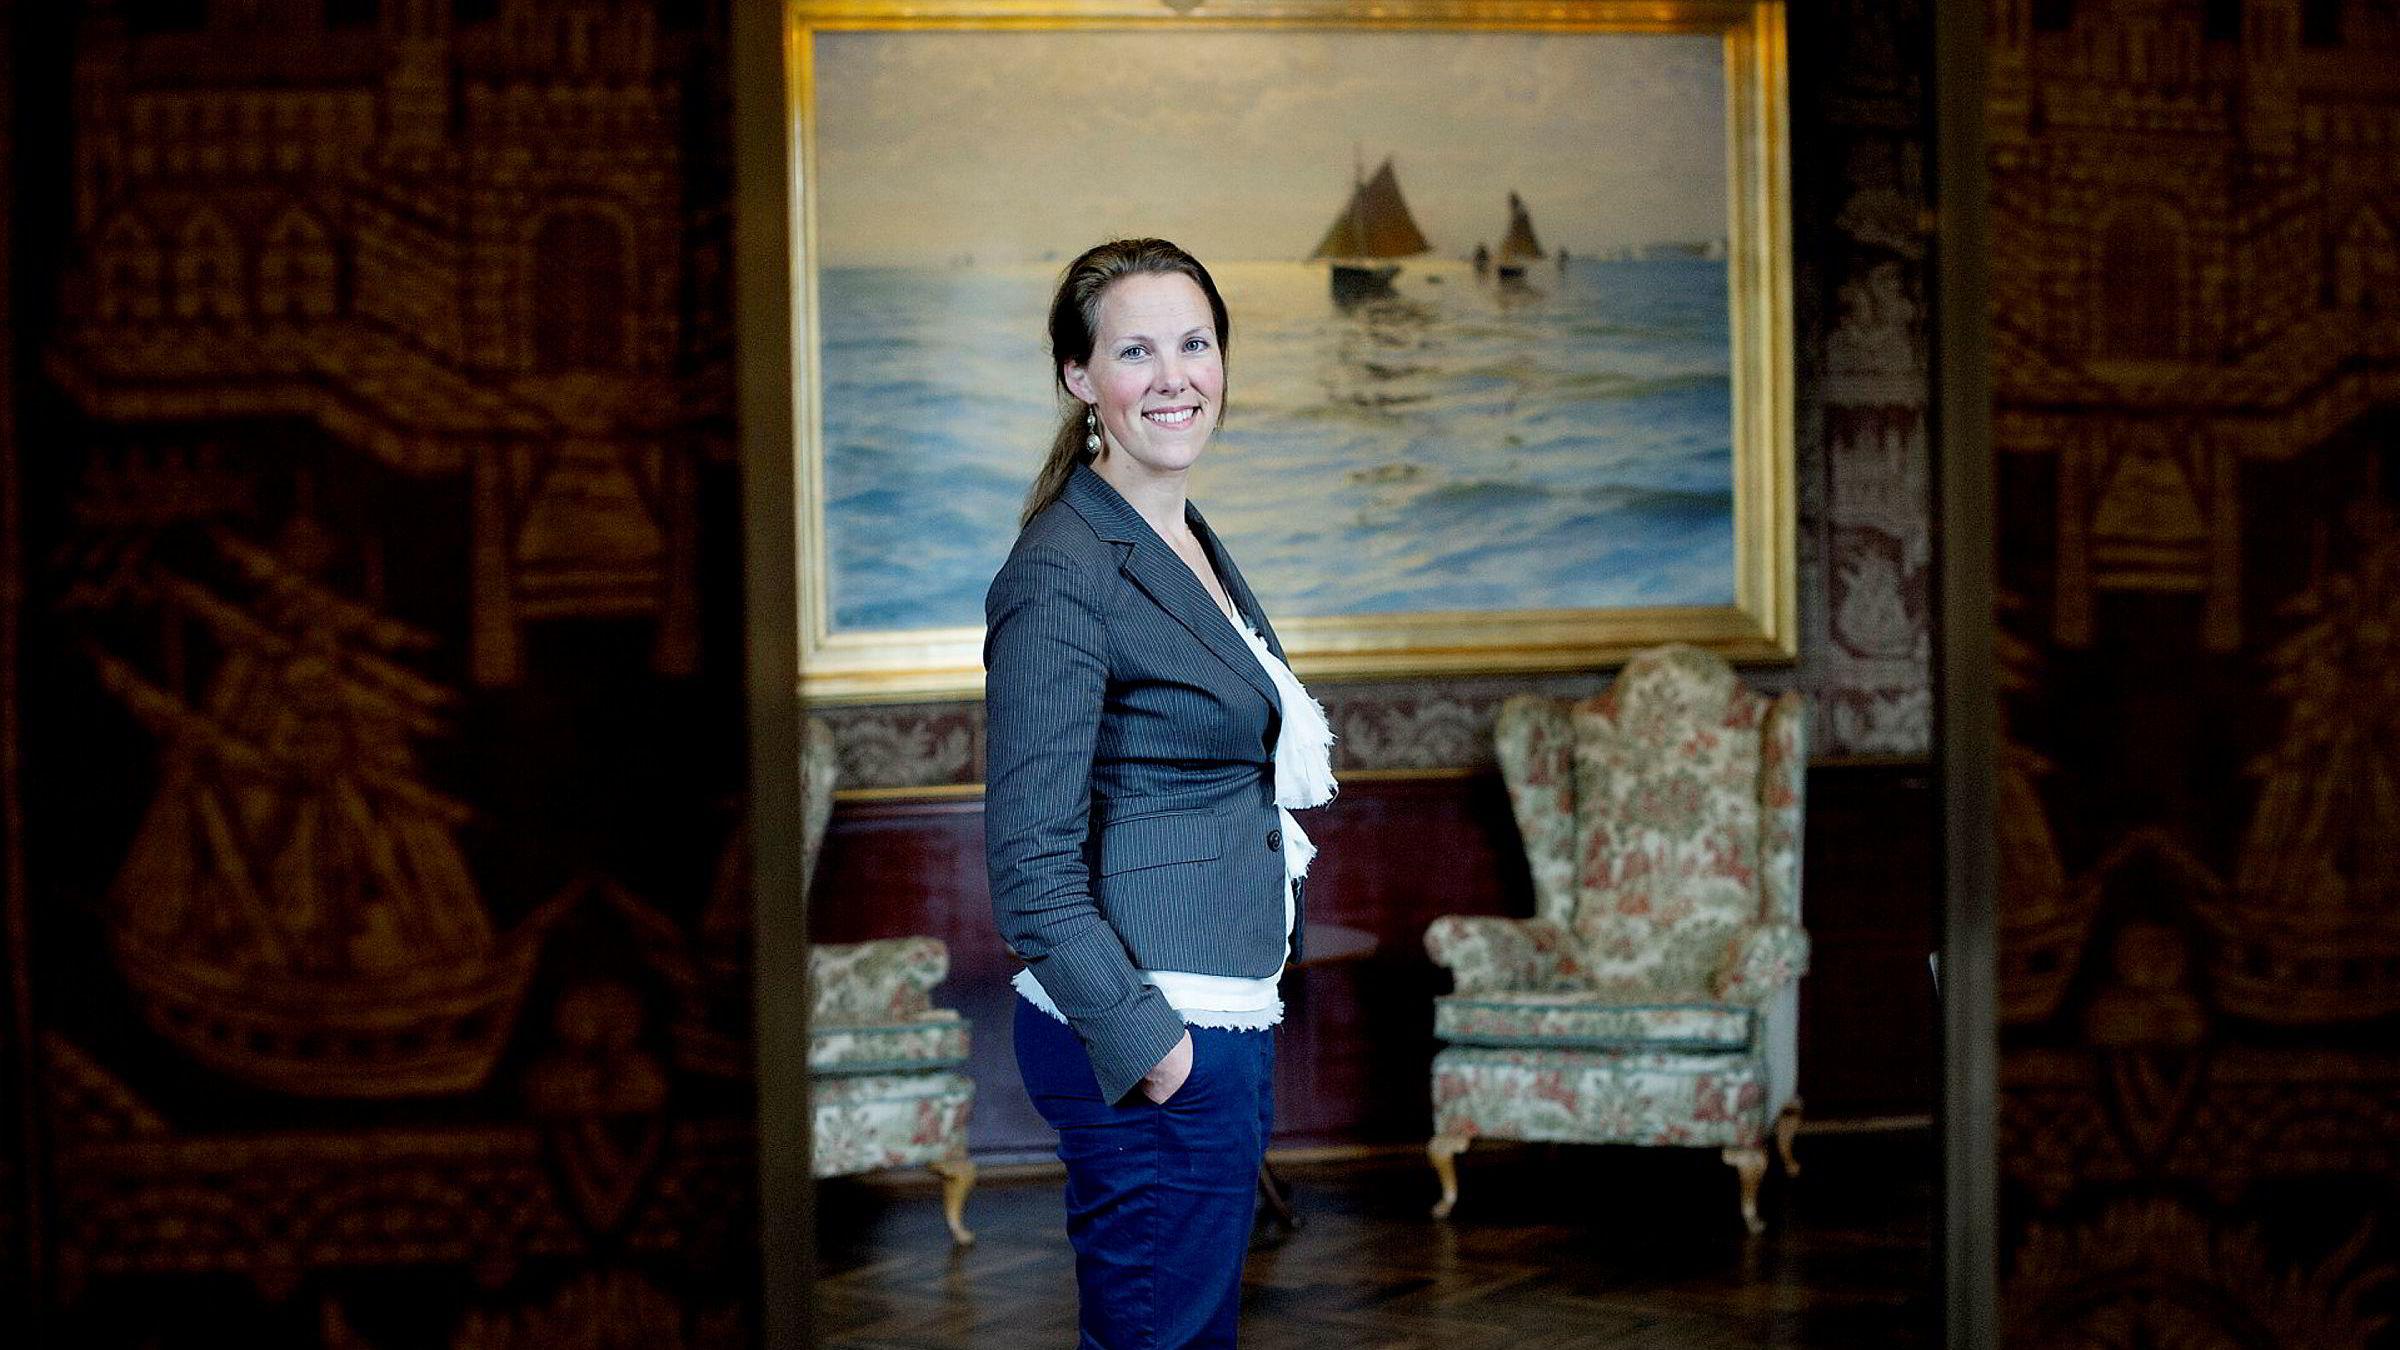 Shippingsjef Birgit M. Liodden blir forbannet når hun tenker tilbake på egne opplevelser med enkelte menn i shippingbransjen.